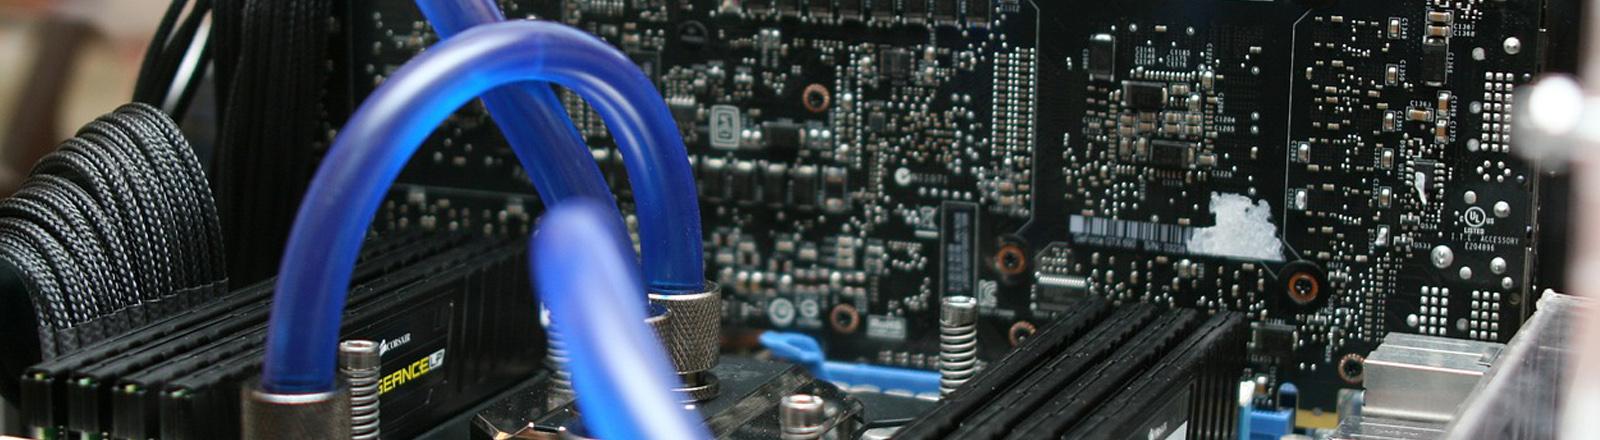 Erstklassige Hardware